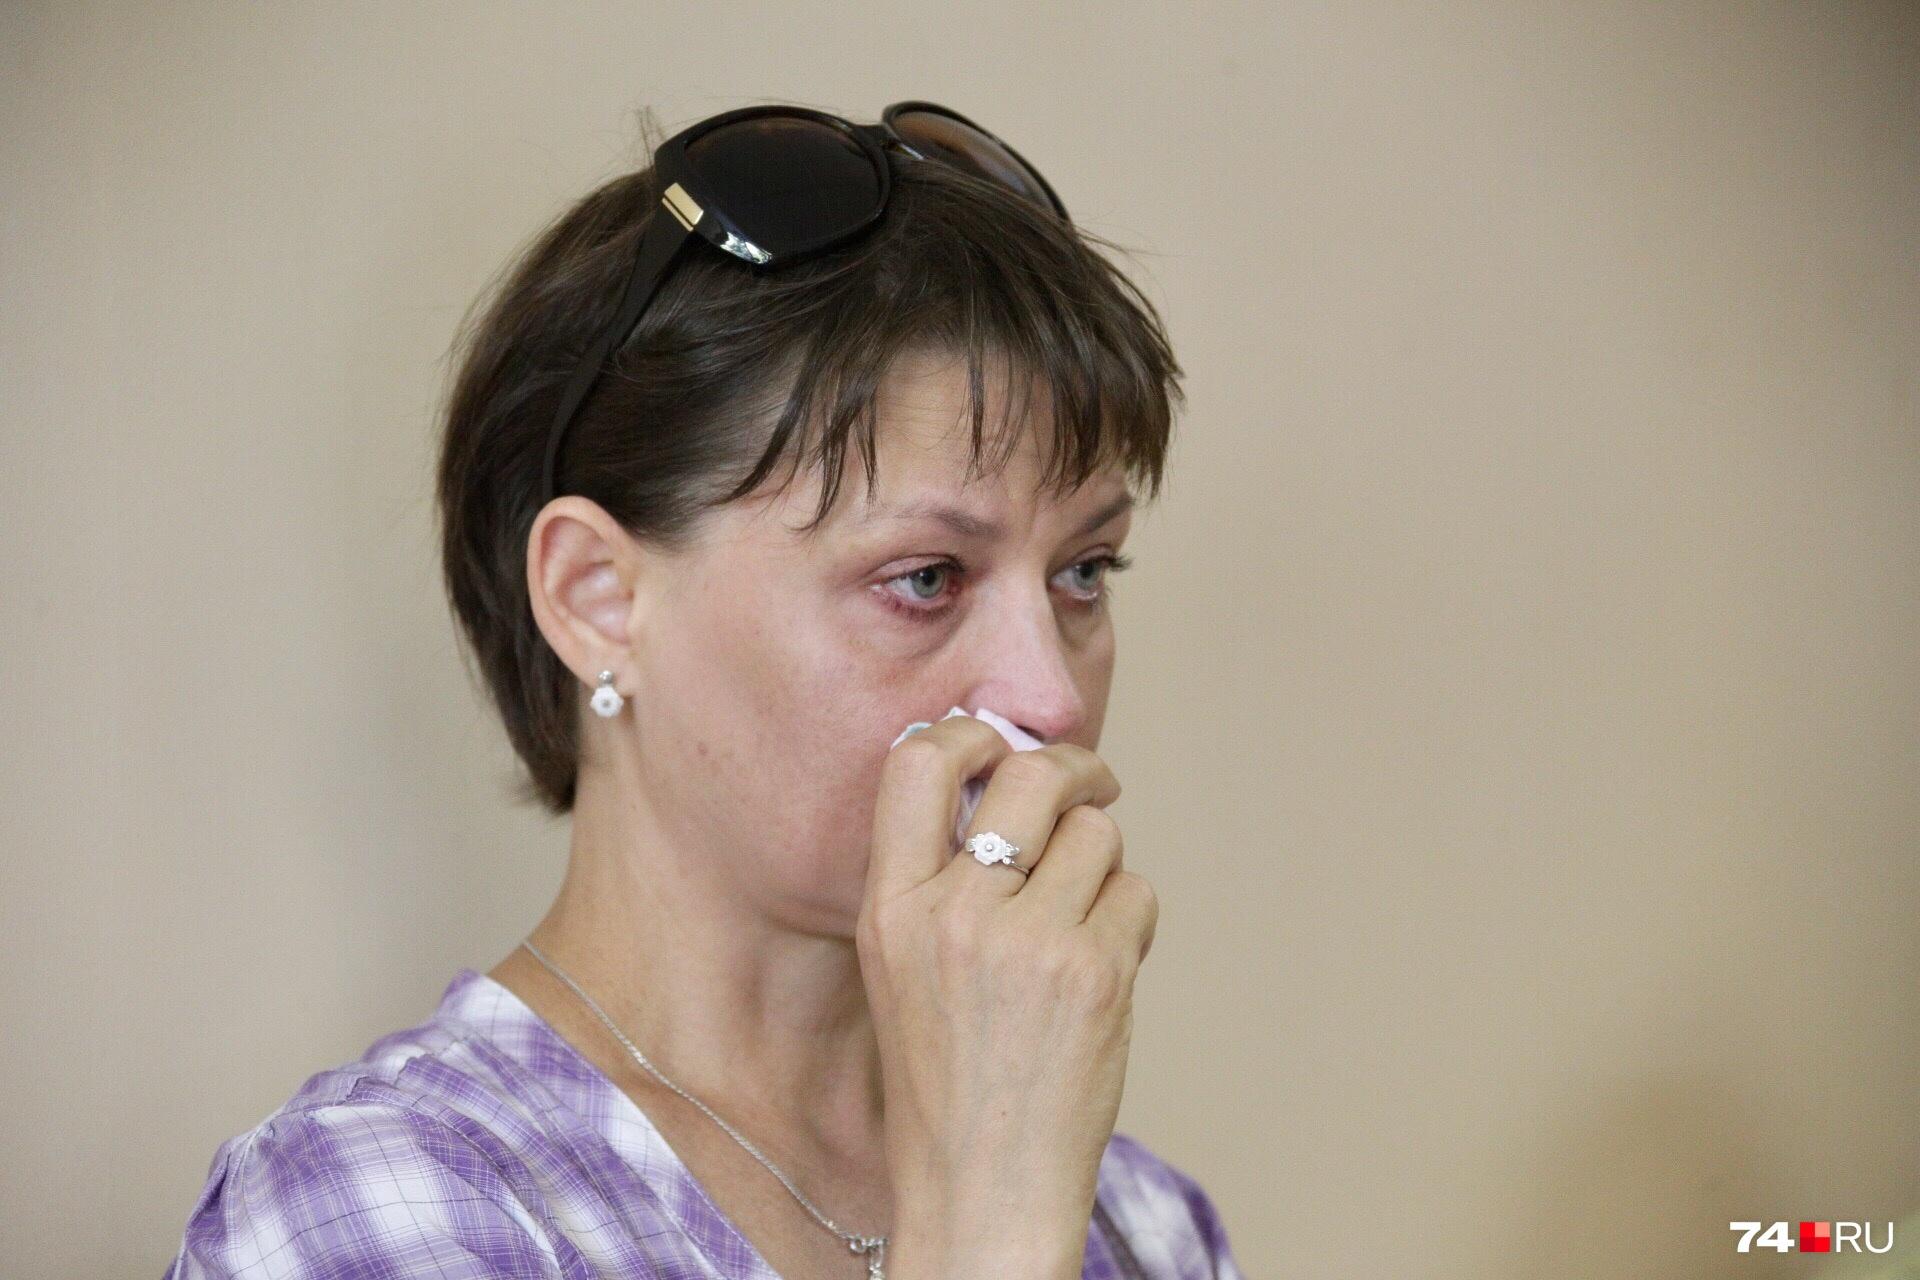 На заседание пришла близкий друг семьи Ольги. Когда речь заходила об убийстве, женщина не могла сдержать эмоций